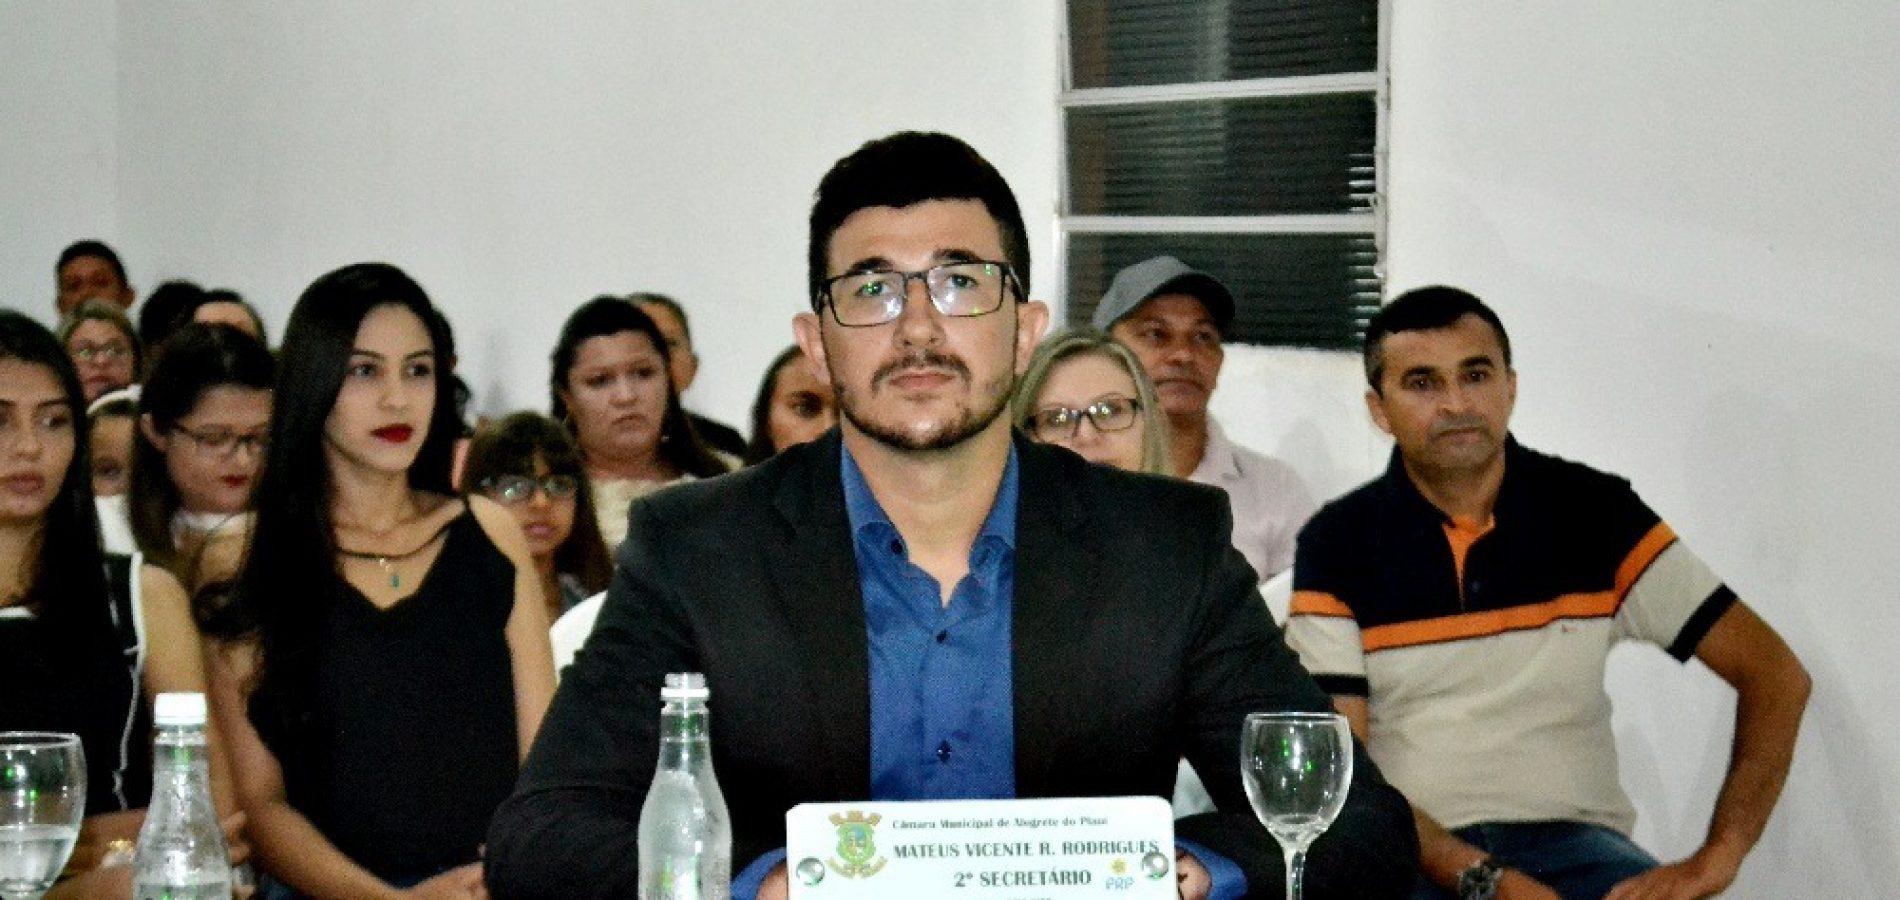 ALEGRETE   Vereador Mateus Vicente junto à Câmara de Vereadores realizará campanha em prol de famílias carentes